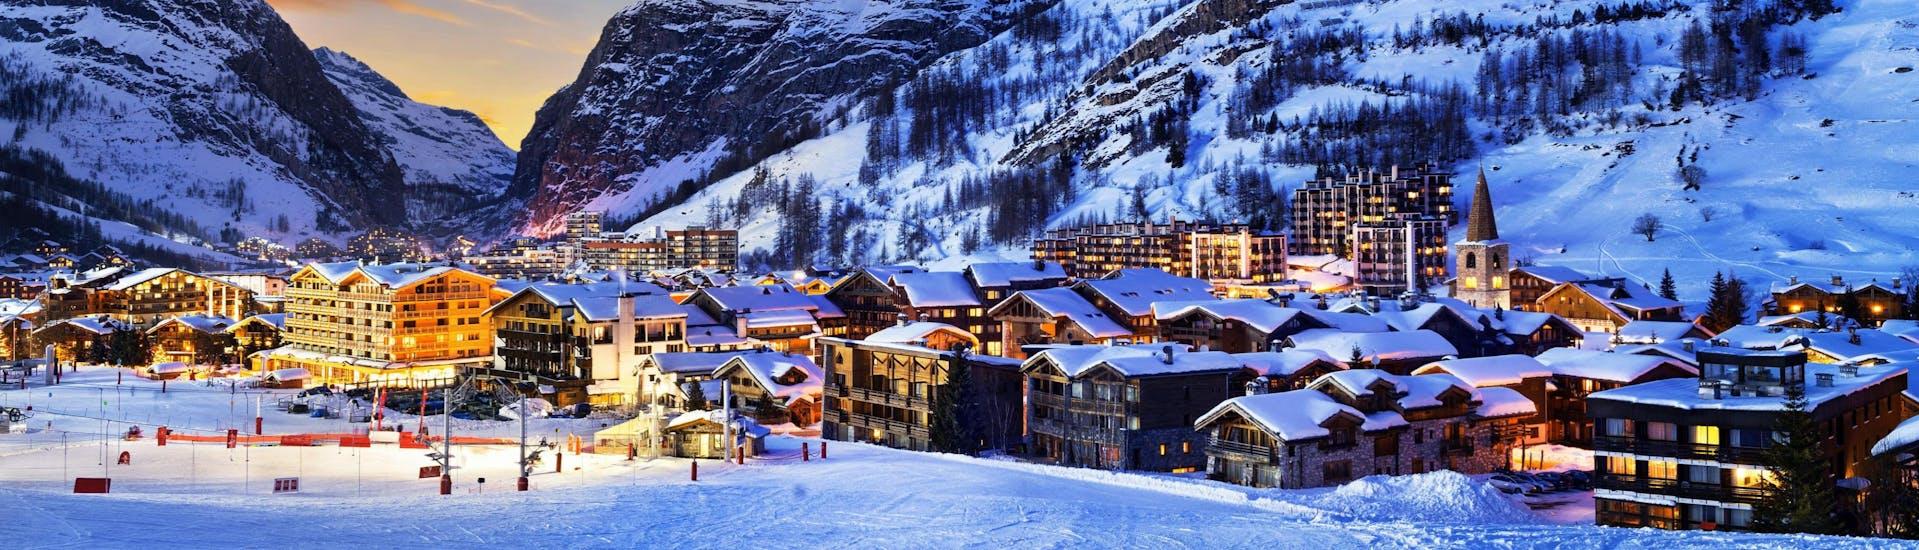 Vue sur la magnifique station de ski française de Val d'Isère entourée de neige au coucher du soleil.